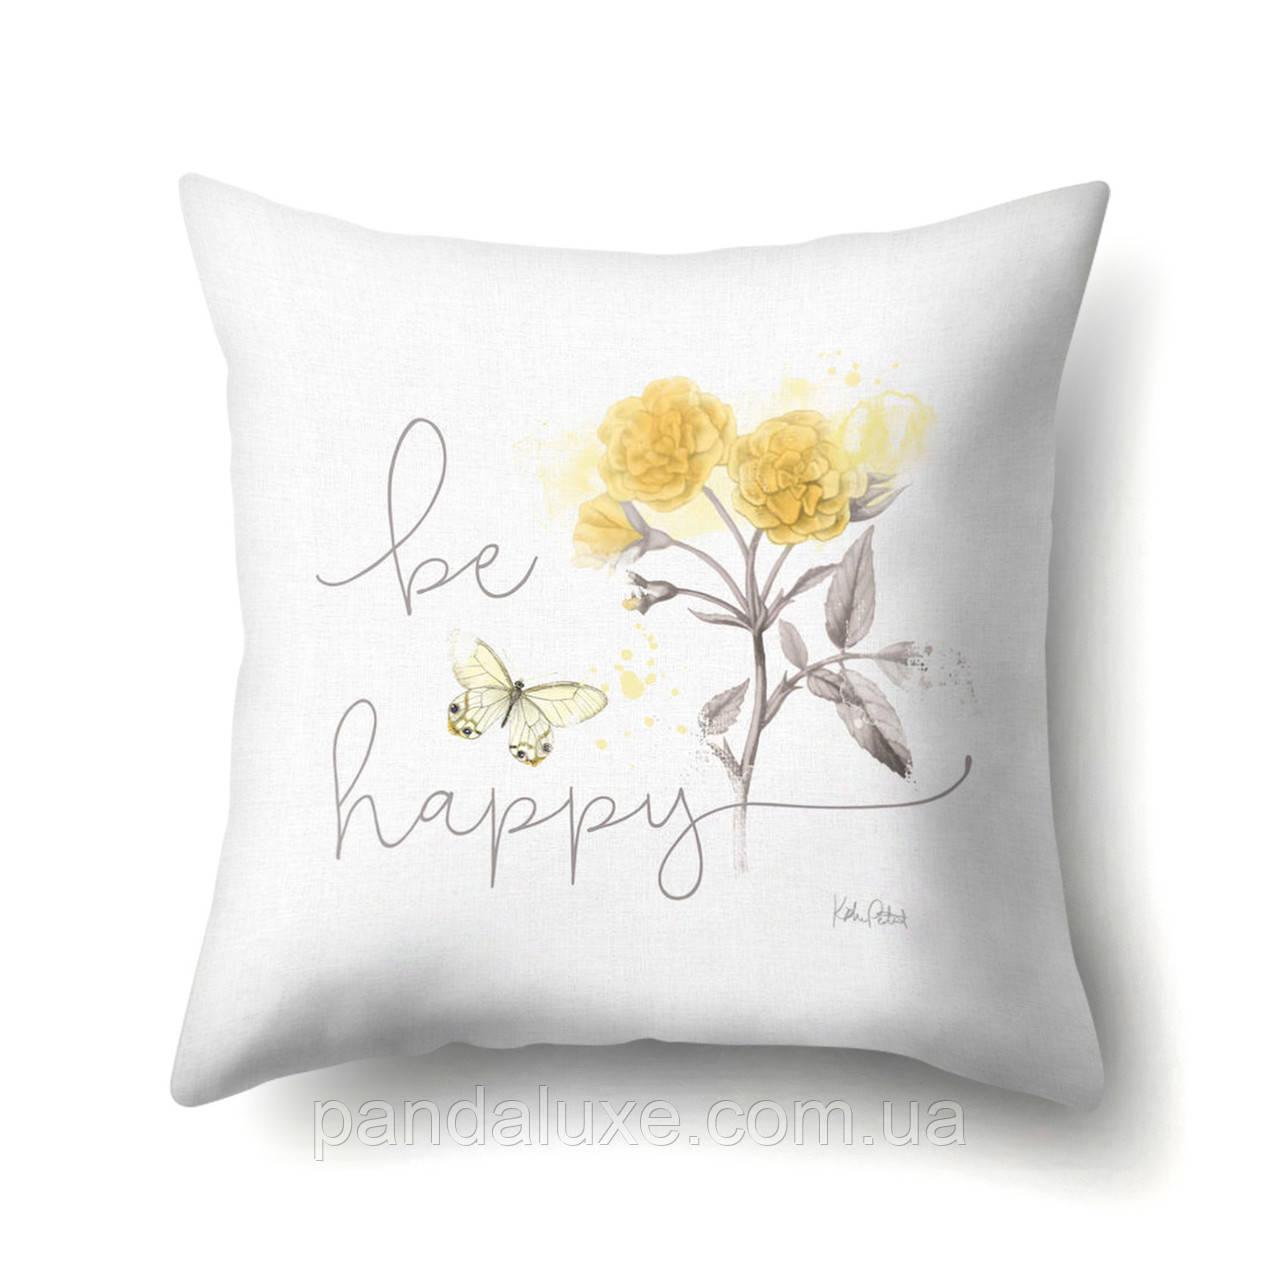 Наволочка для декоративной подушки 45х45 см Be Happy